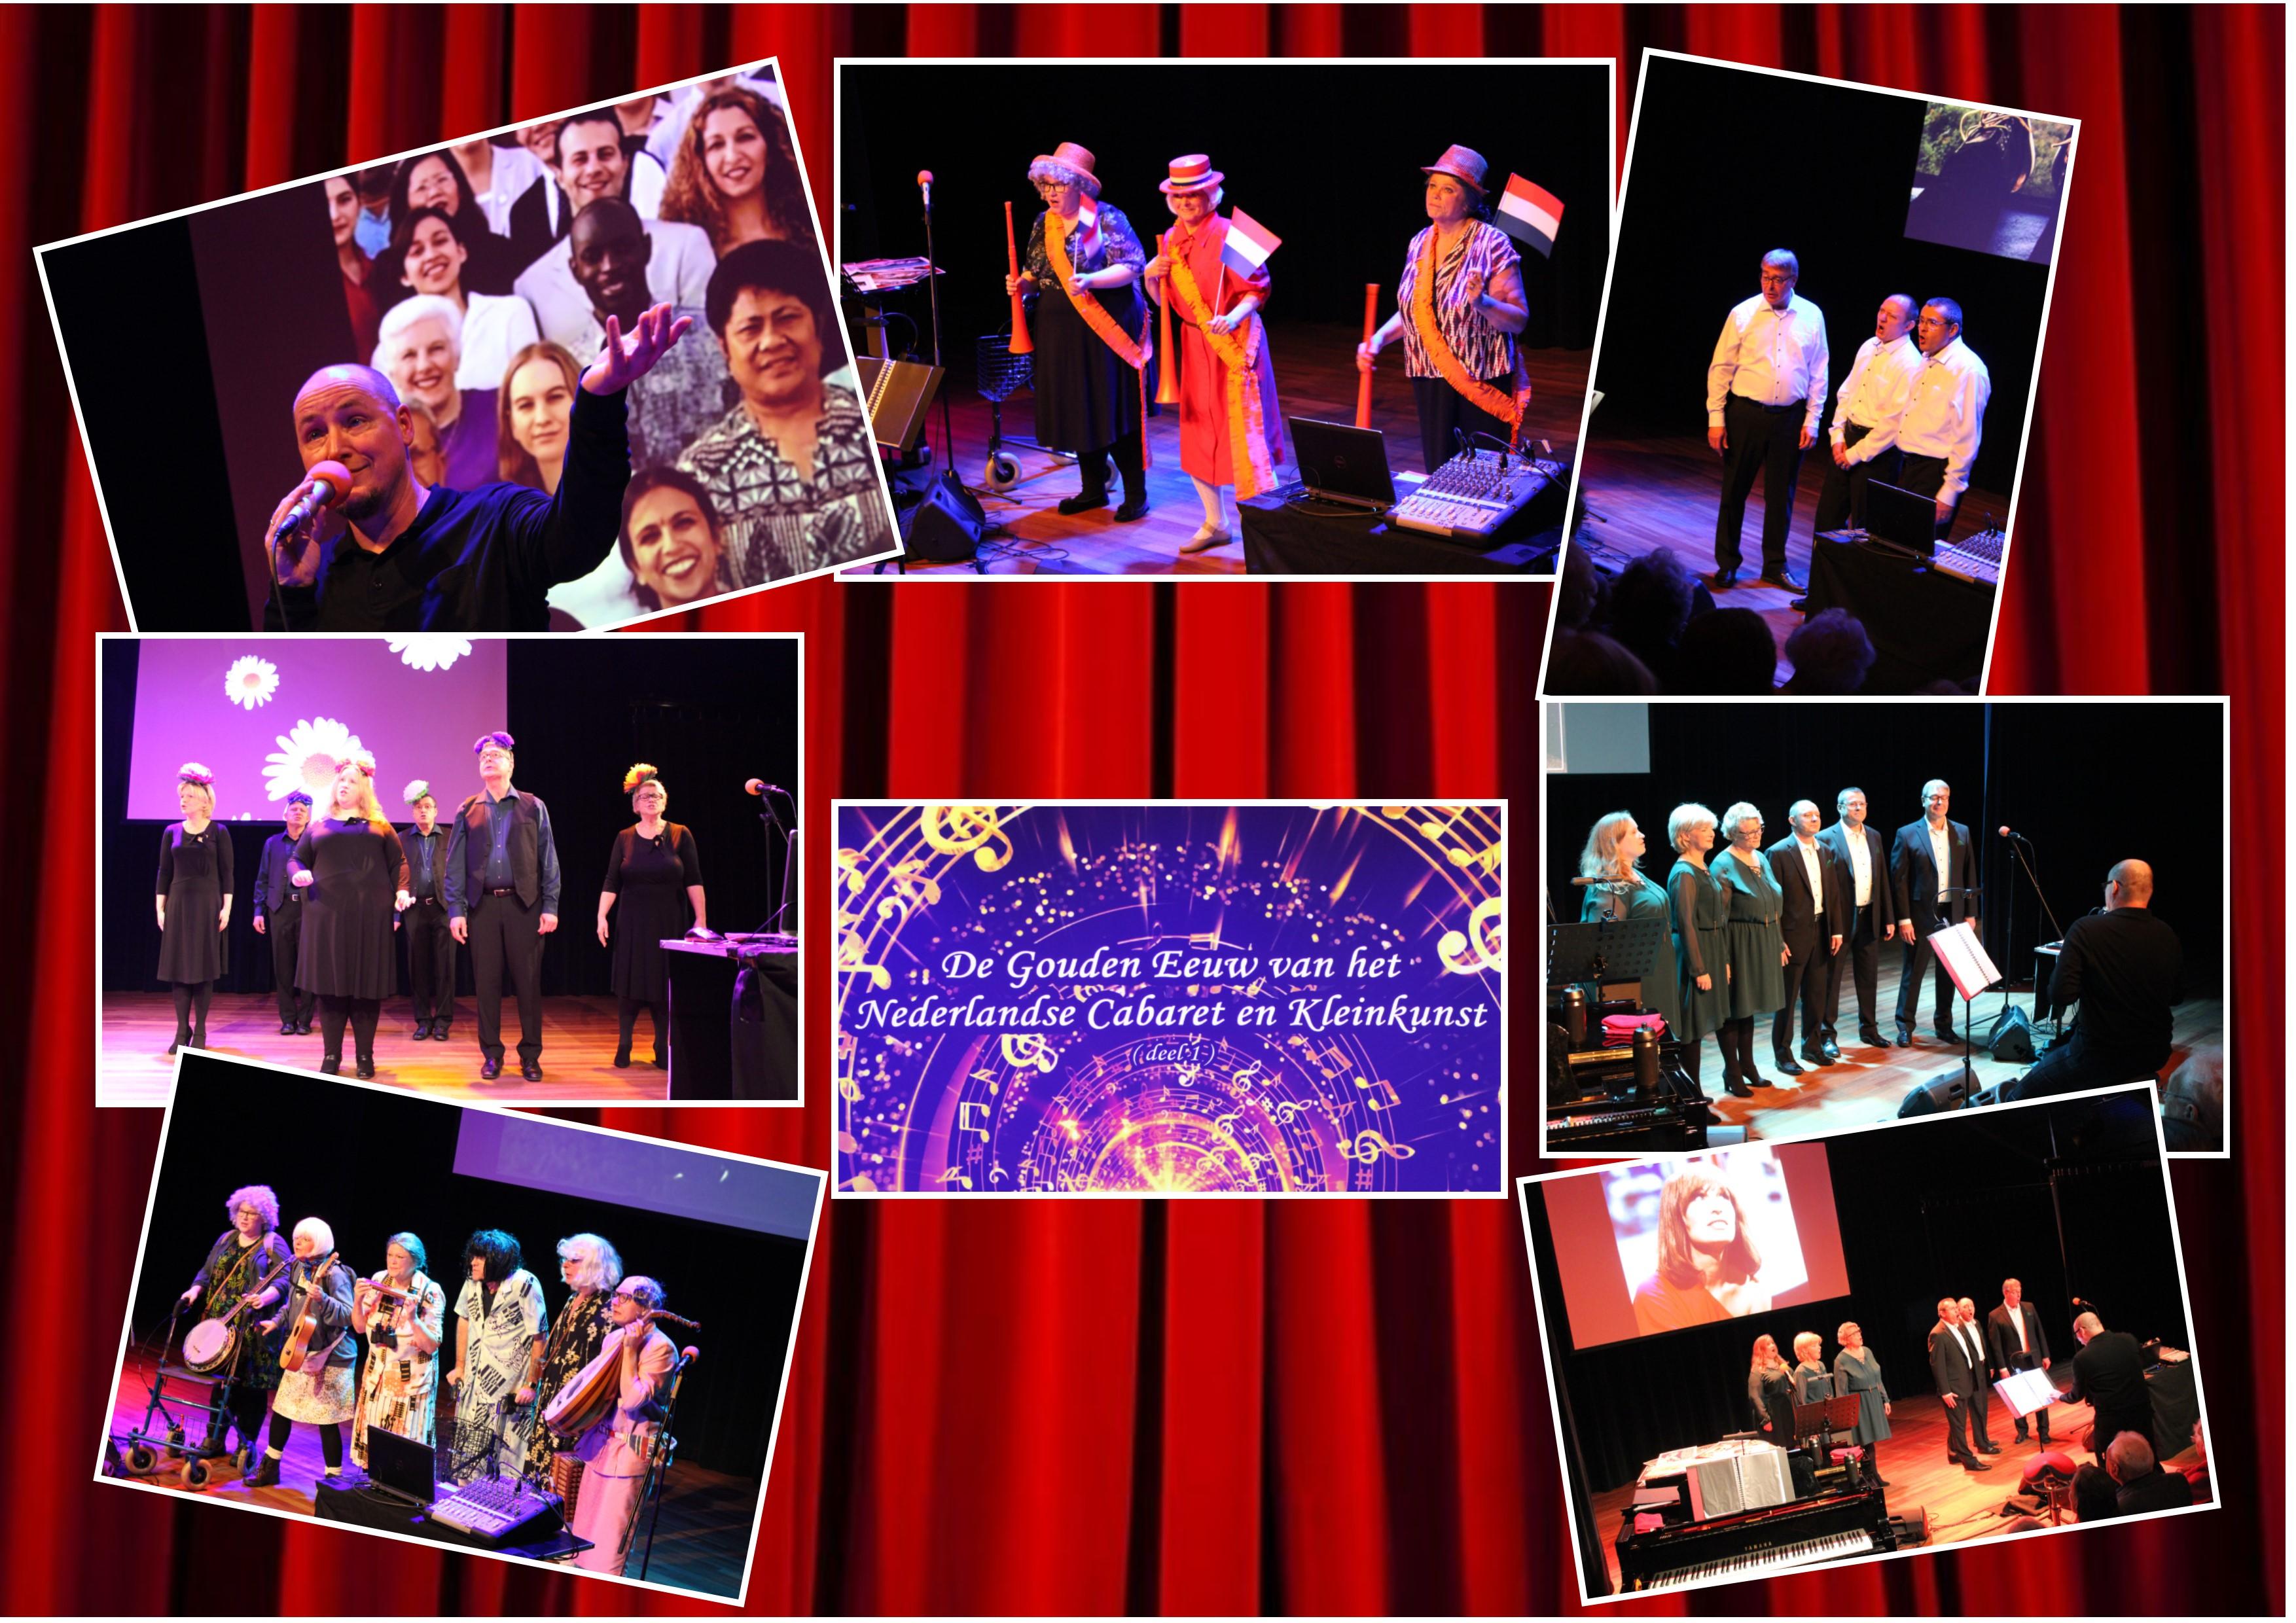 De Gouden Eeuw van het Nederlandse Cabaret en Kleinkunst